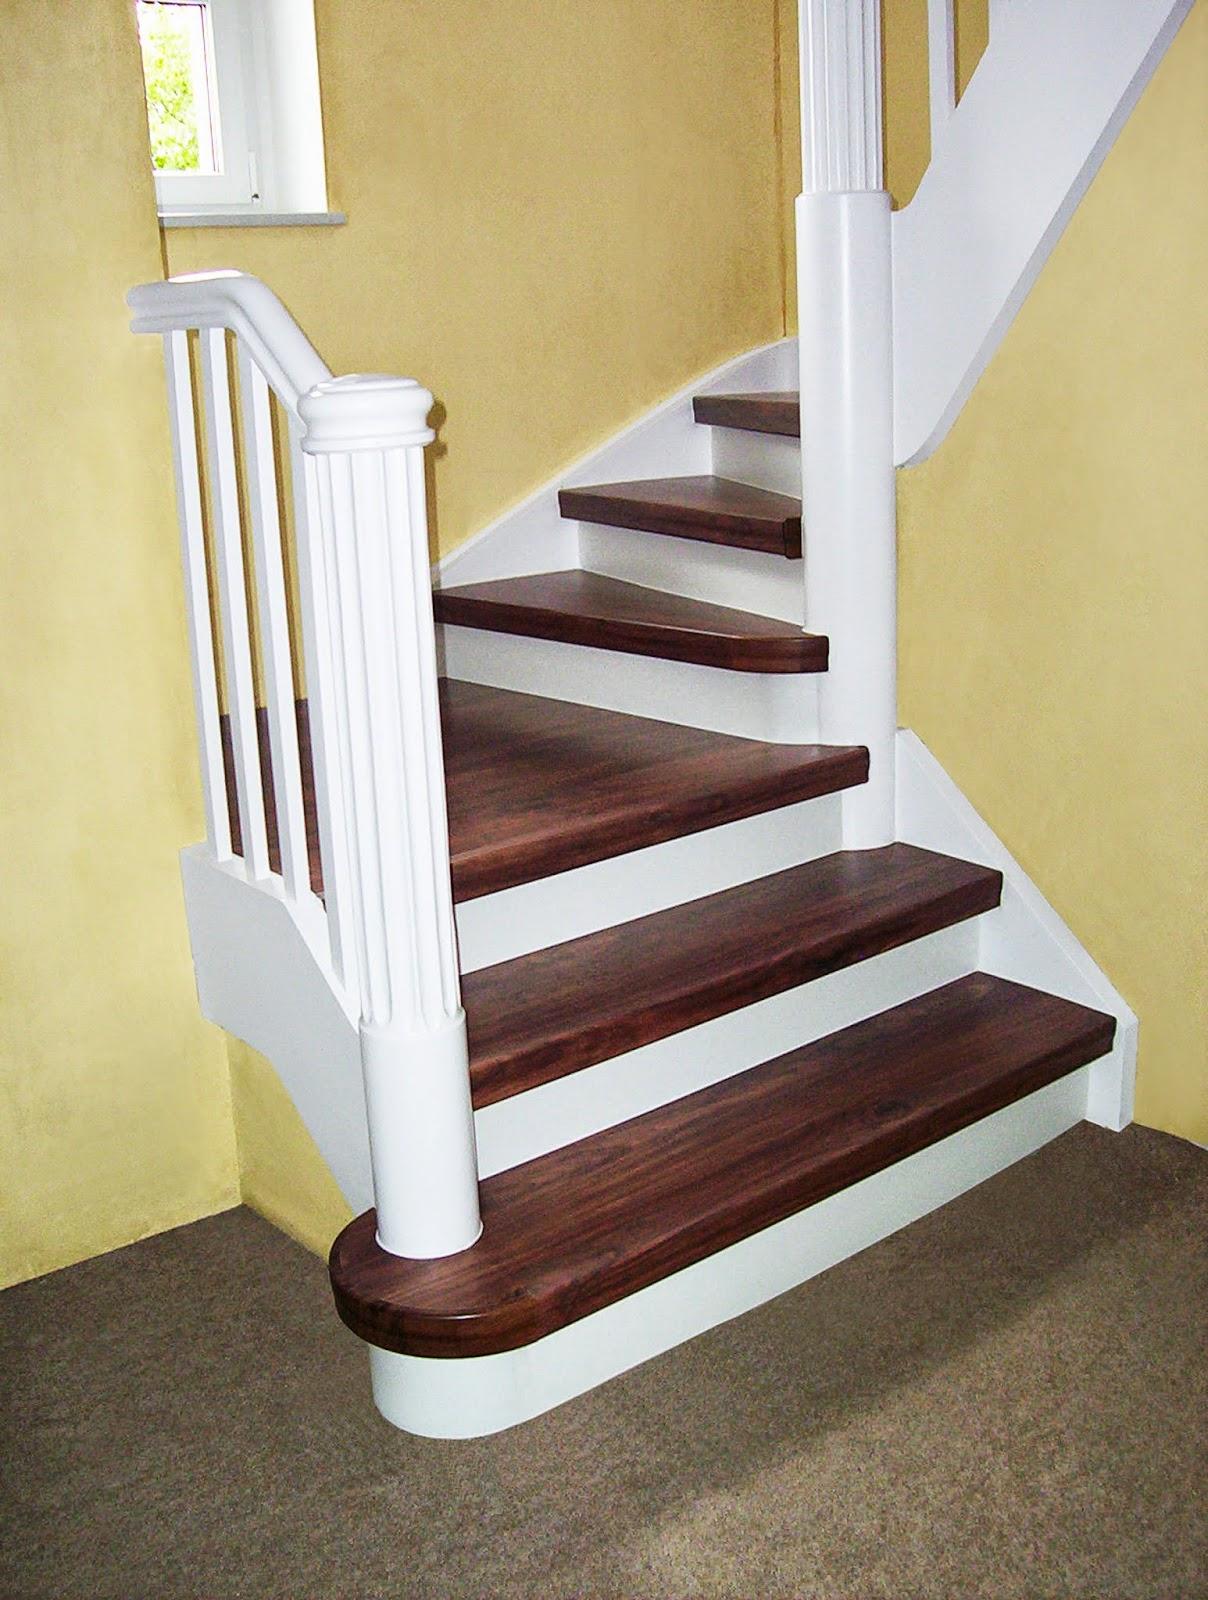 Treppenrenovierung in Dekor-Kombination: Stufen Walnuss – Setzstufen weiß